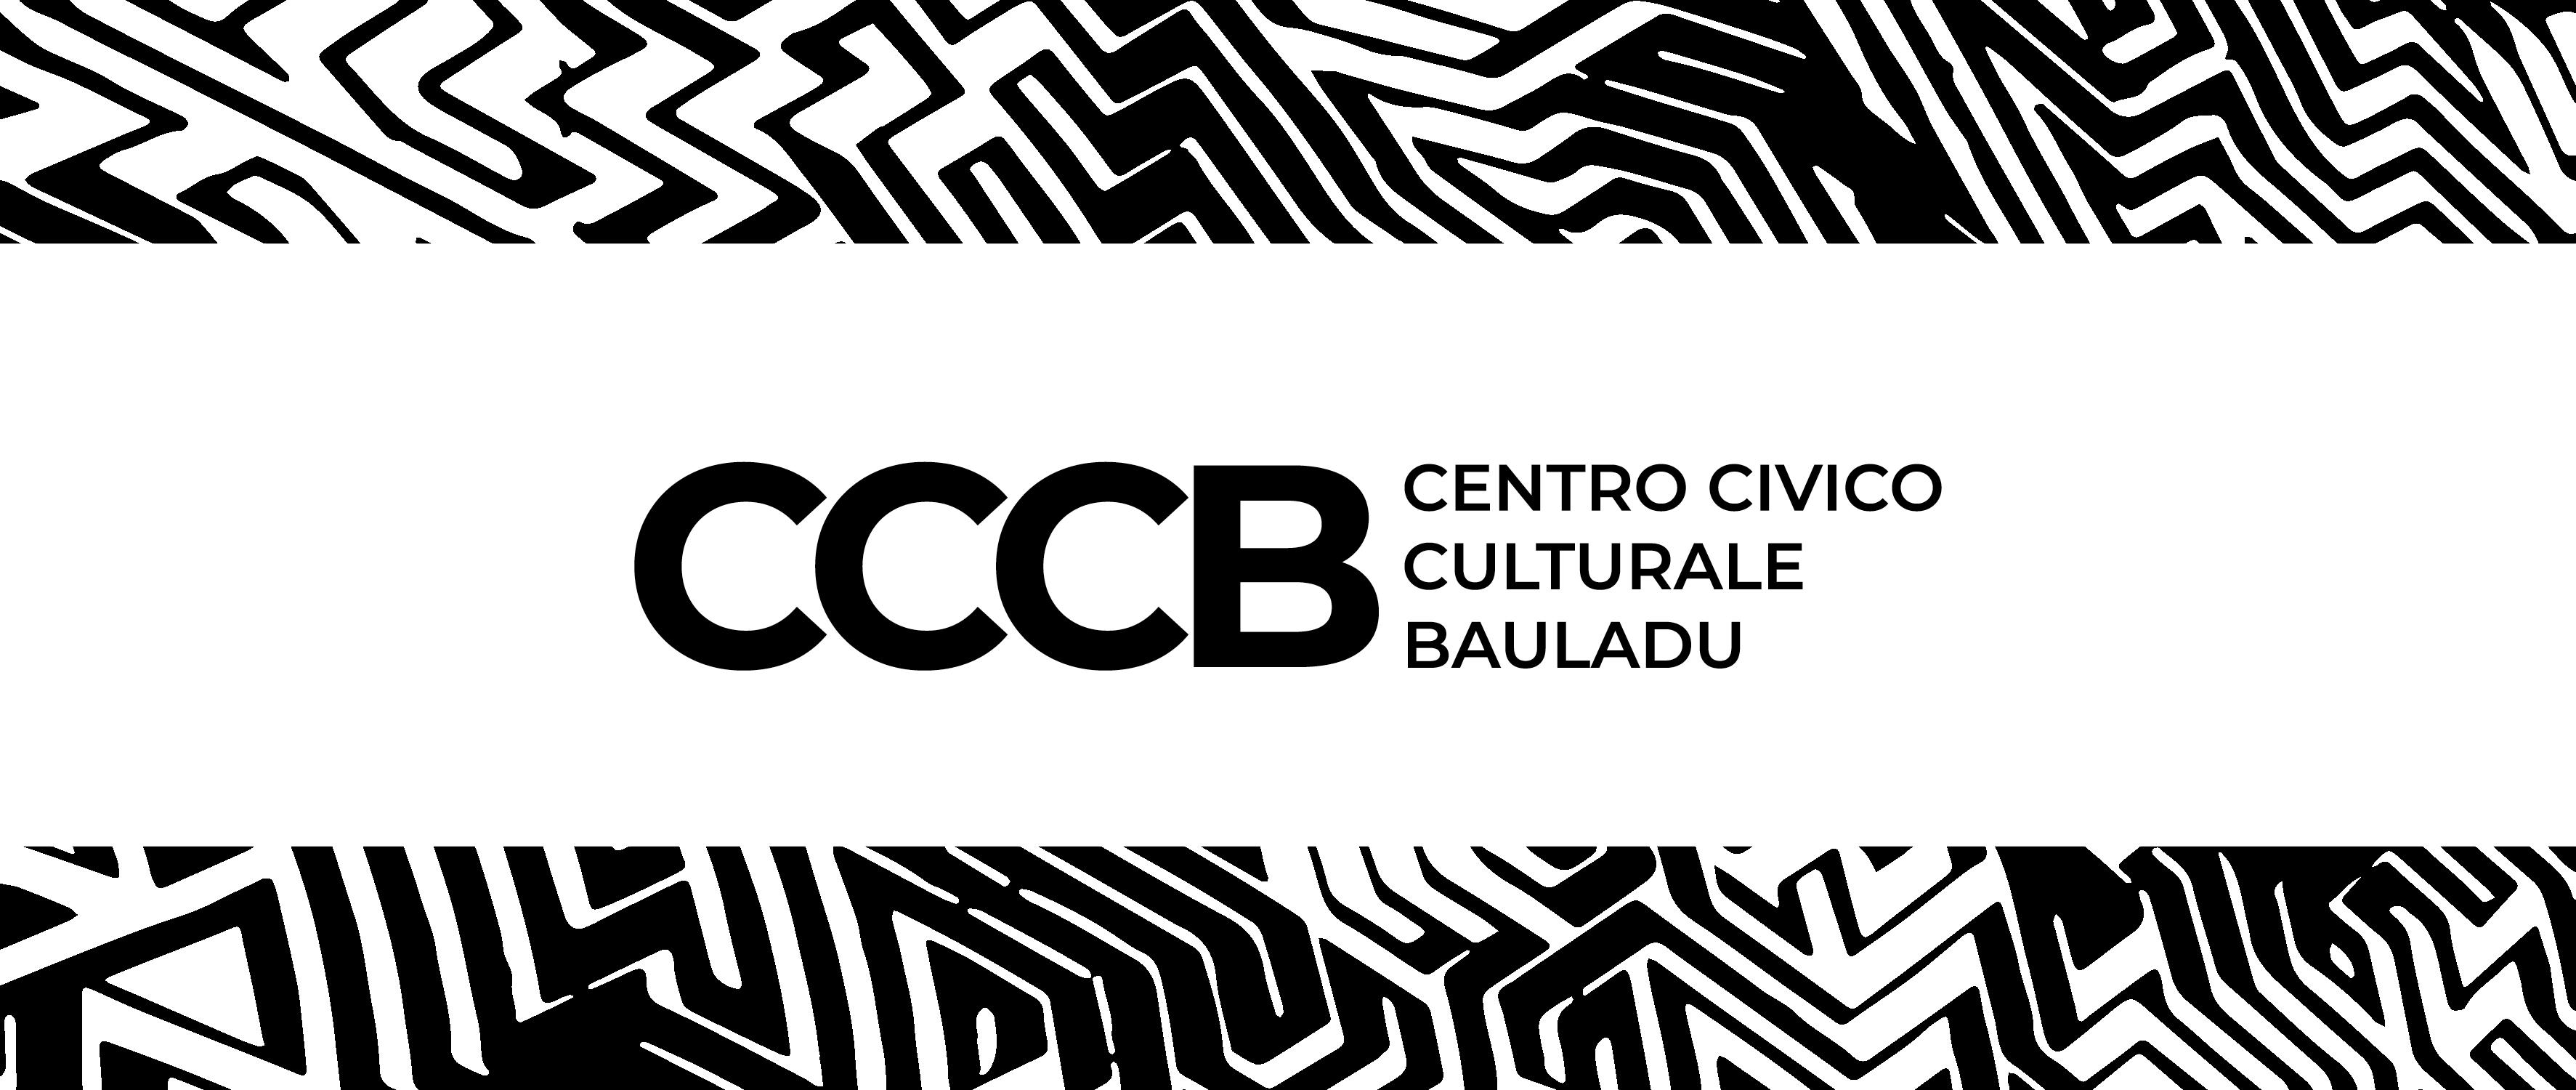 CCC BAULADU